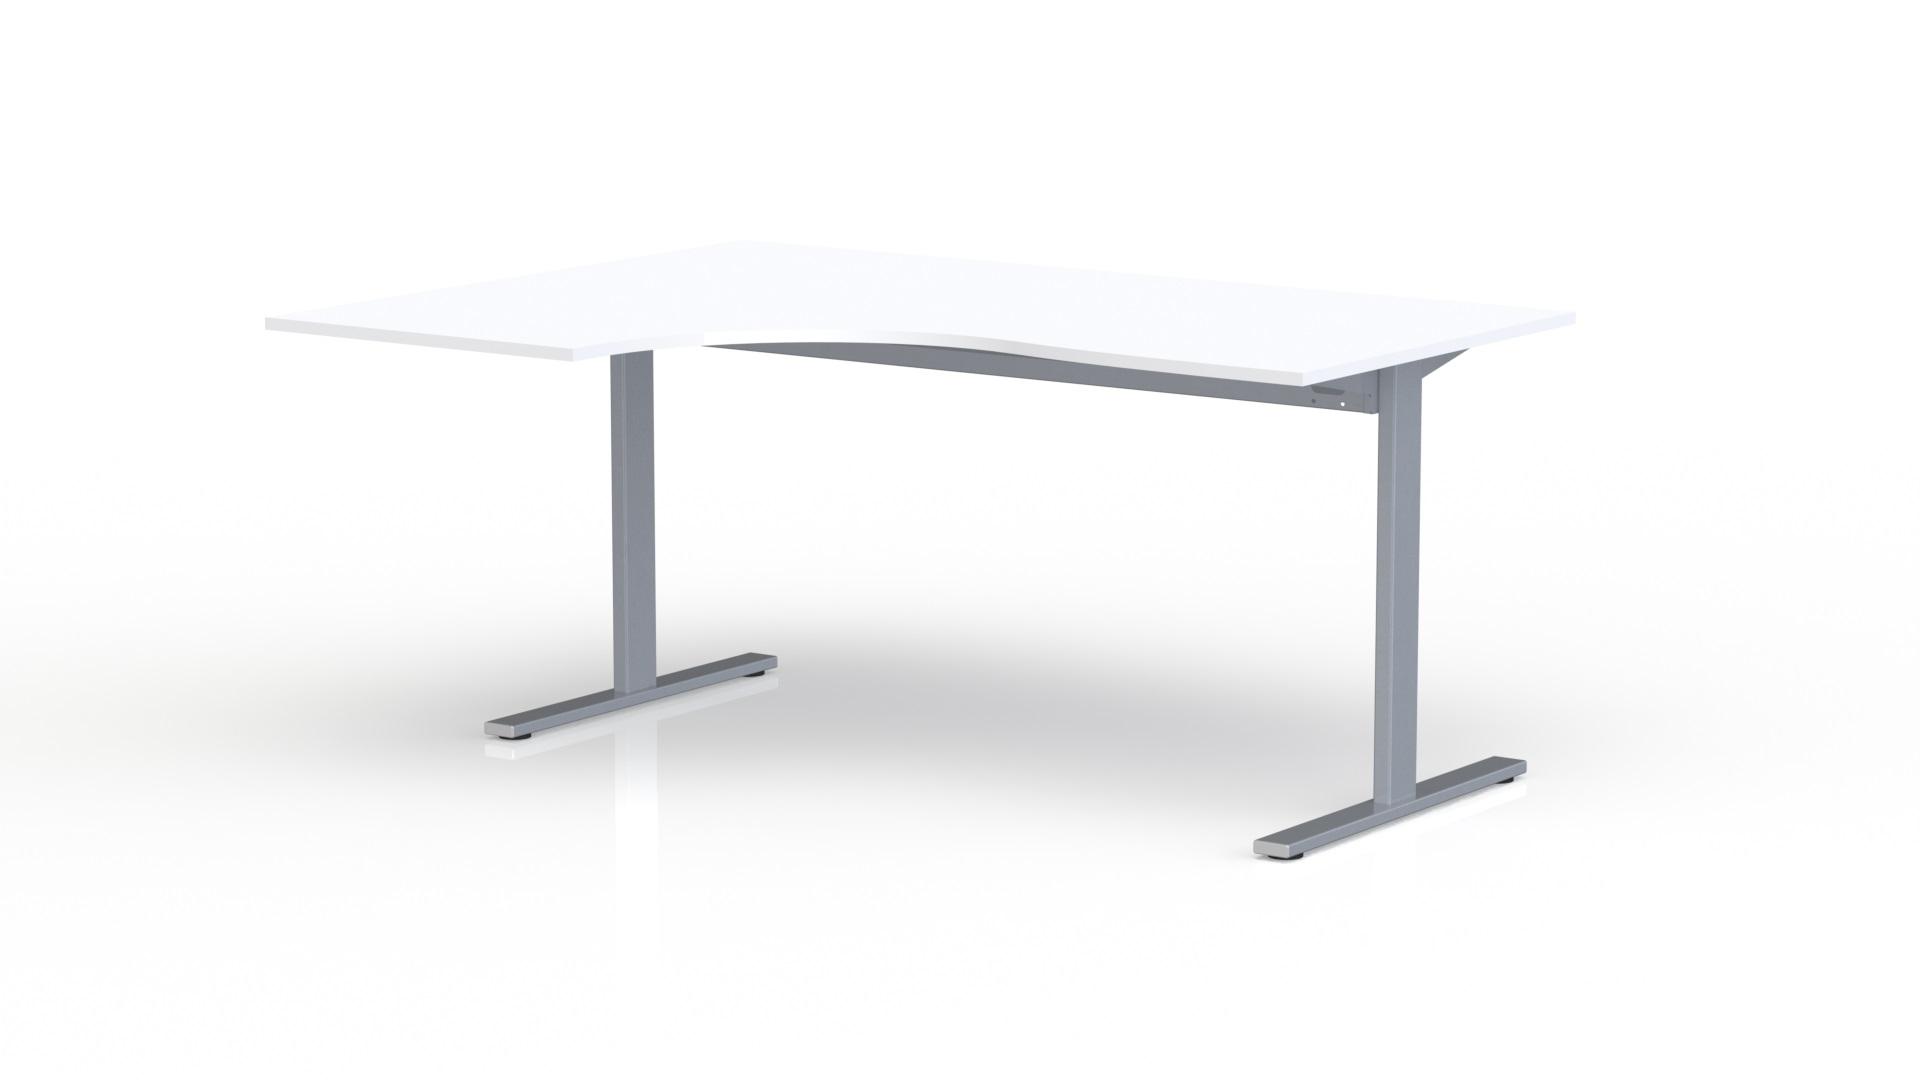 bureau compact asym trique 90 l 160 cm maxoffice32 mobilier de bureau am nagement salle. Black Bedroom Furniture Sets. Home Design Ideas